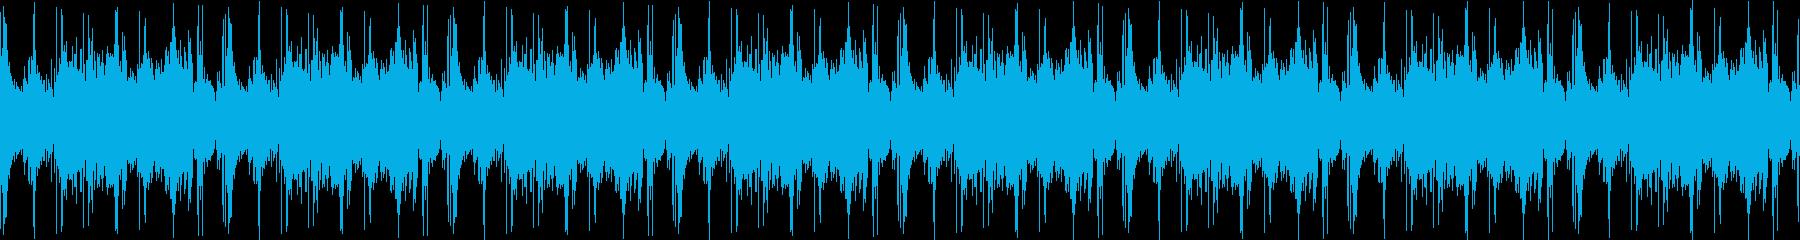 近未来的システム系BGSの再生済みの波形